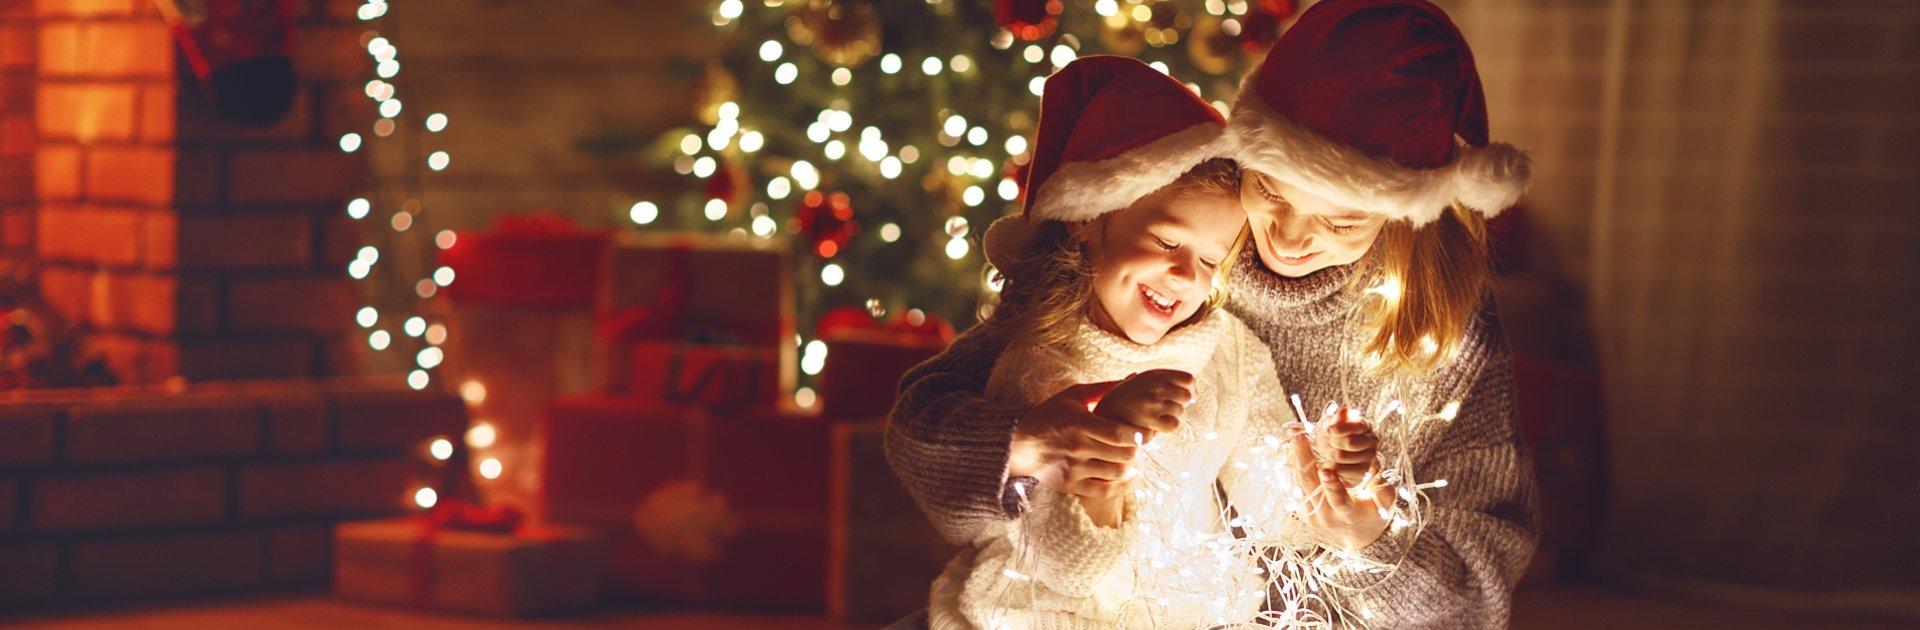 weihnachten im familienhotel